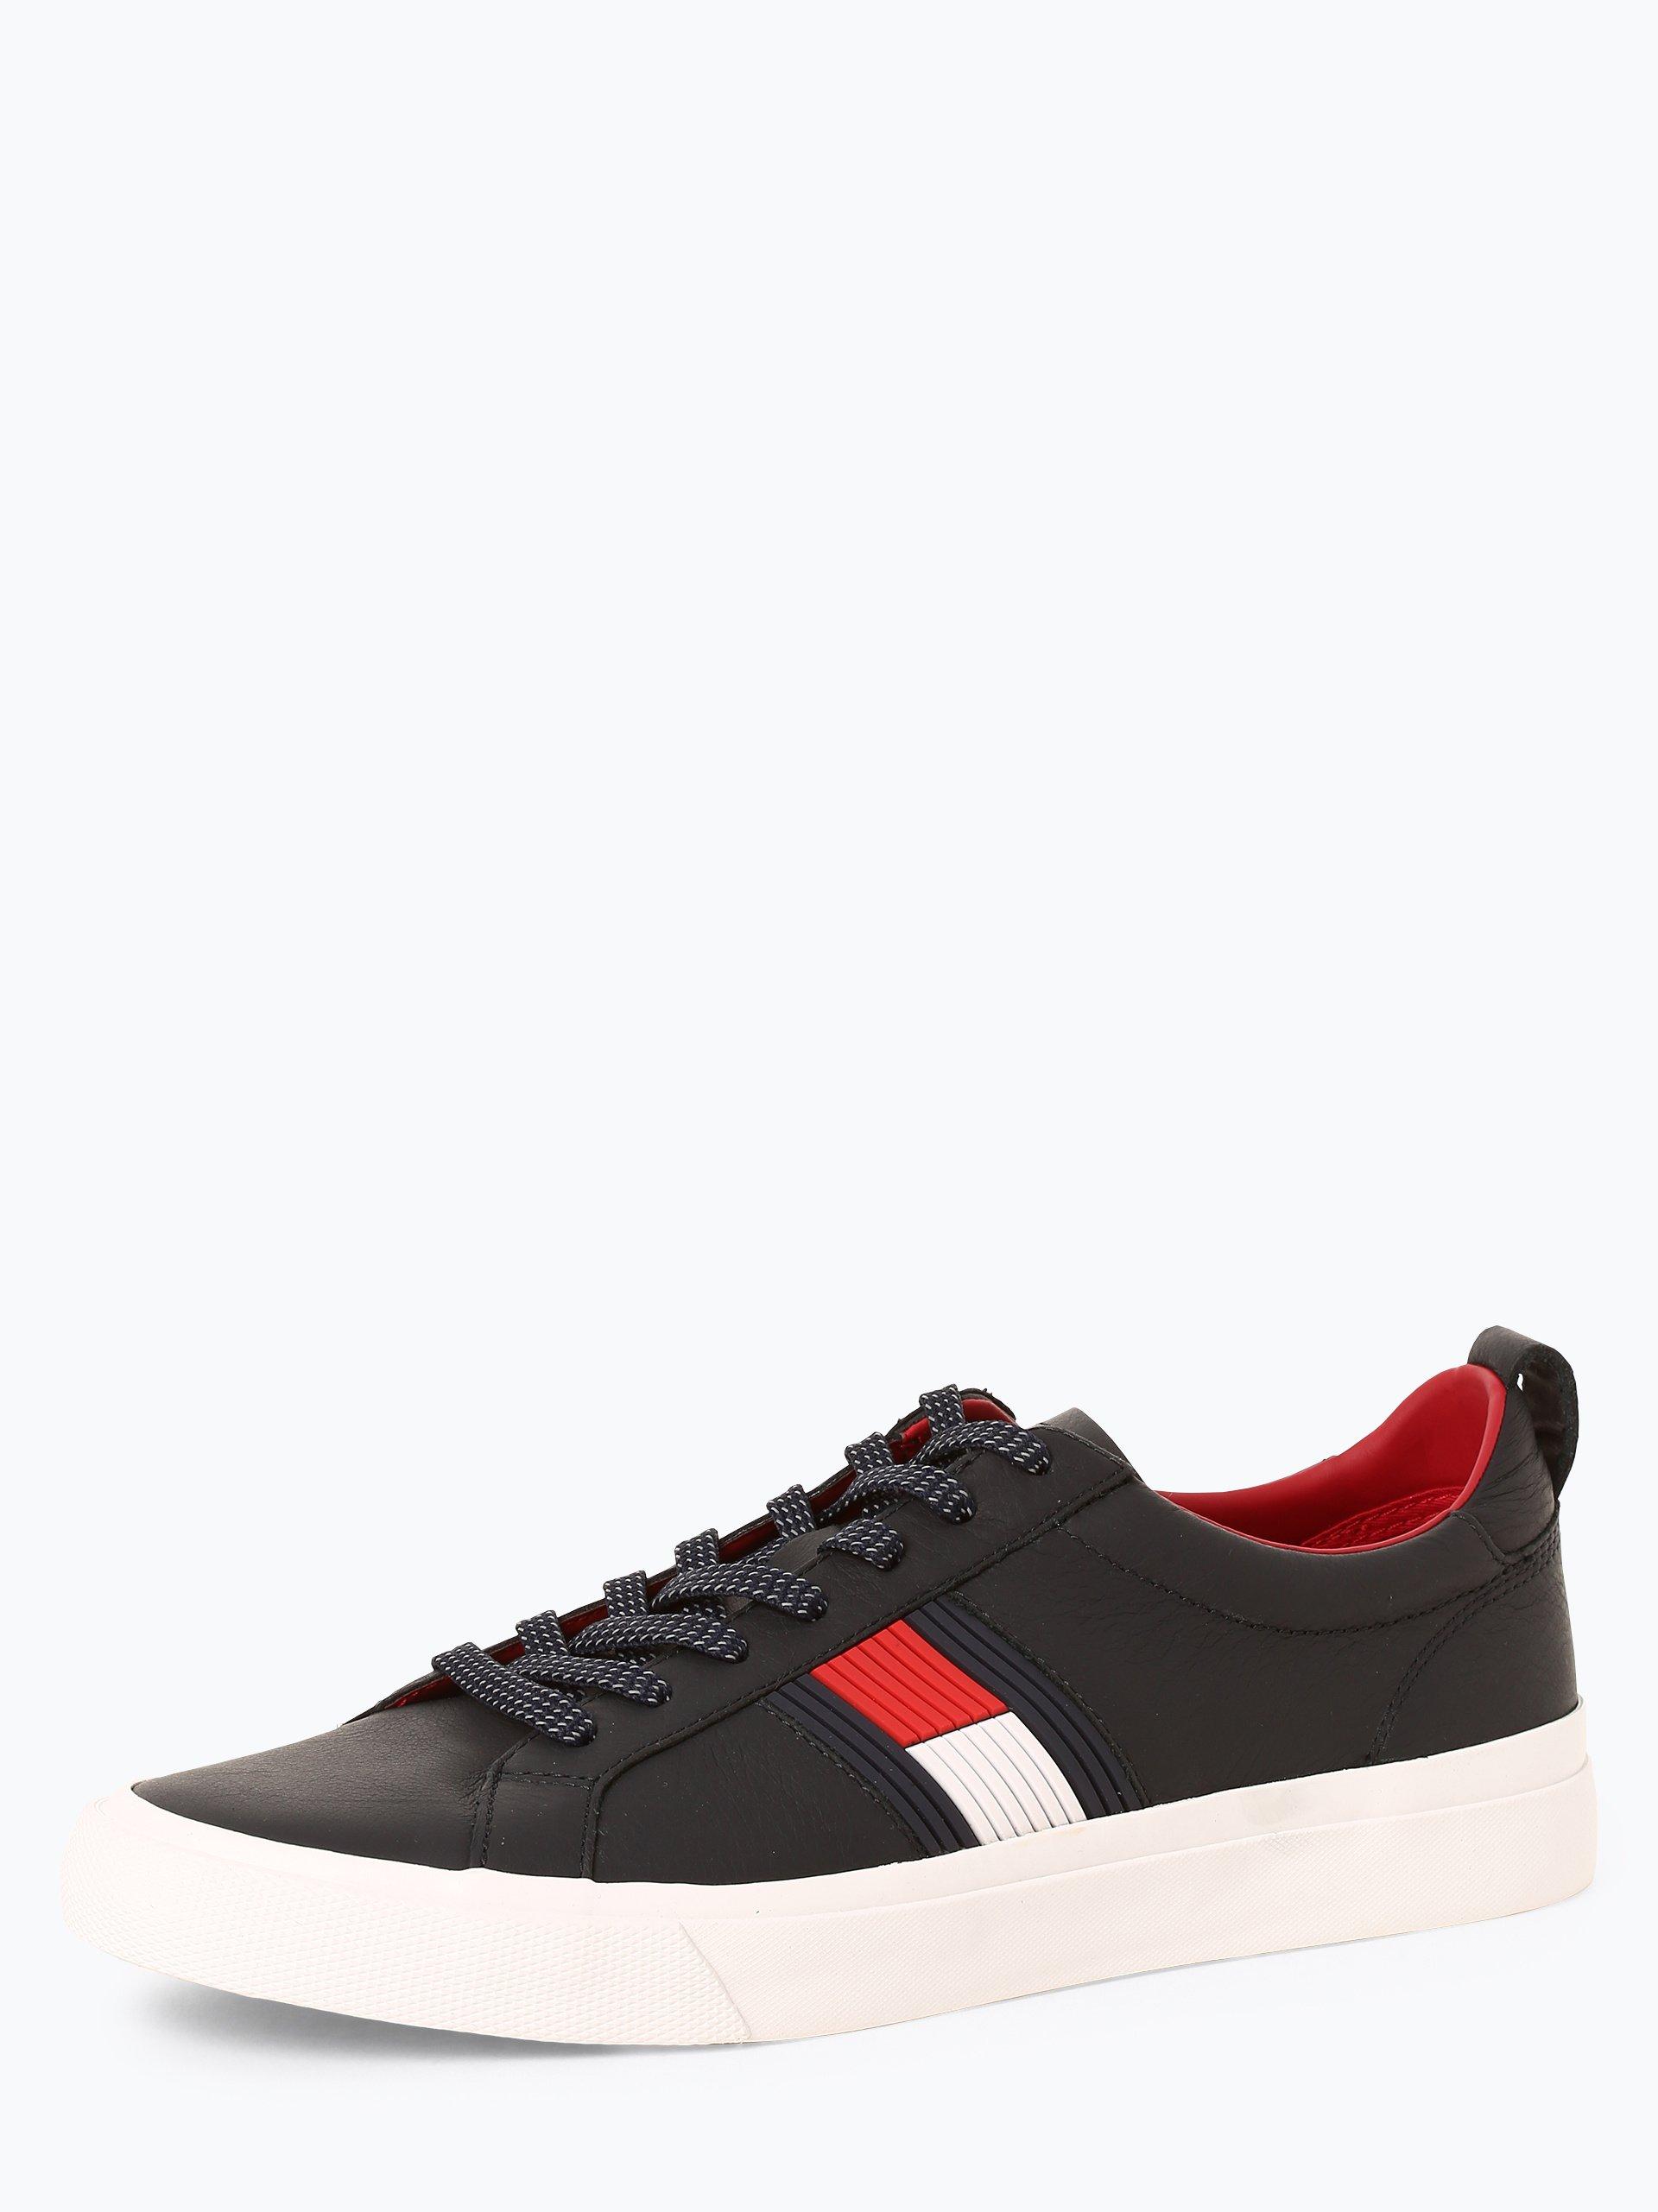 Tommy Hilfiger Herren Sneaker aus Leder